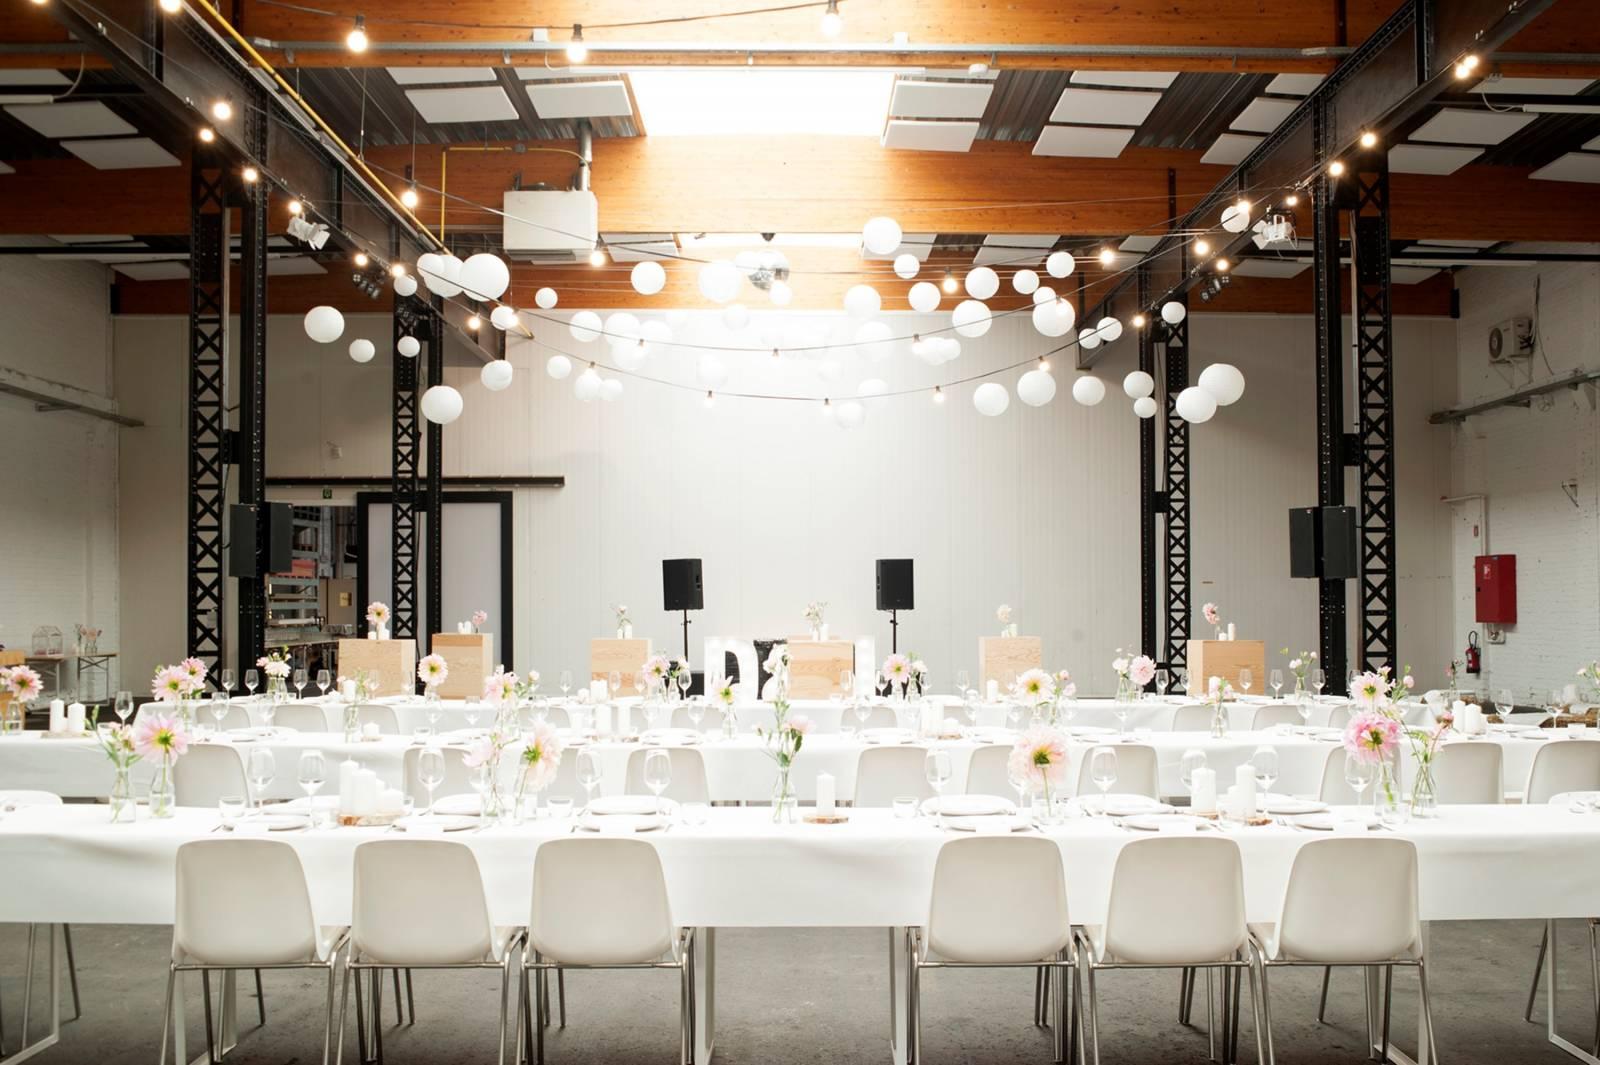 House of Weddings Firma Cantina Feestzaal Wedding Venue Huwelijk Brussel industrieel fabriek ceremonie receptie walking dinner (2)